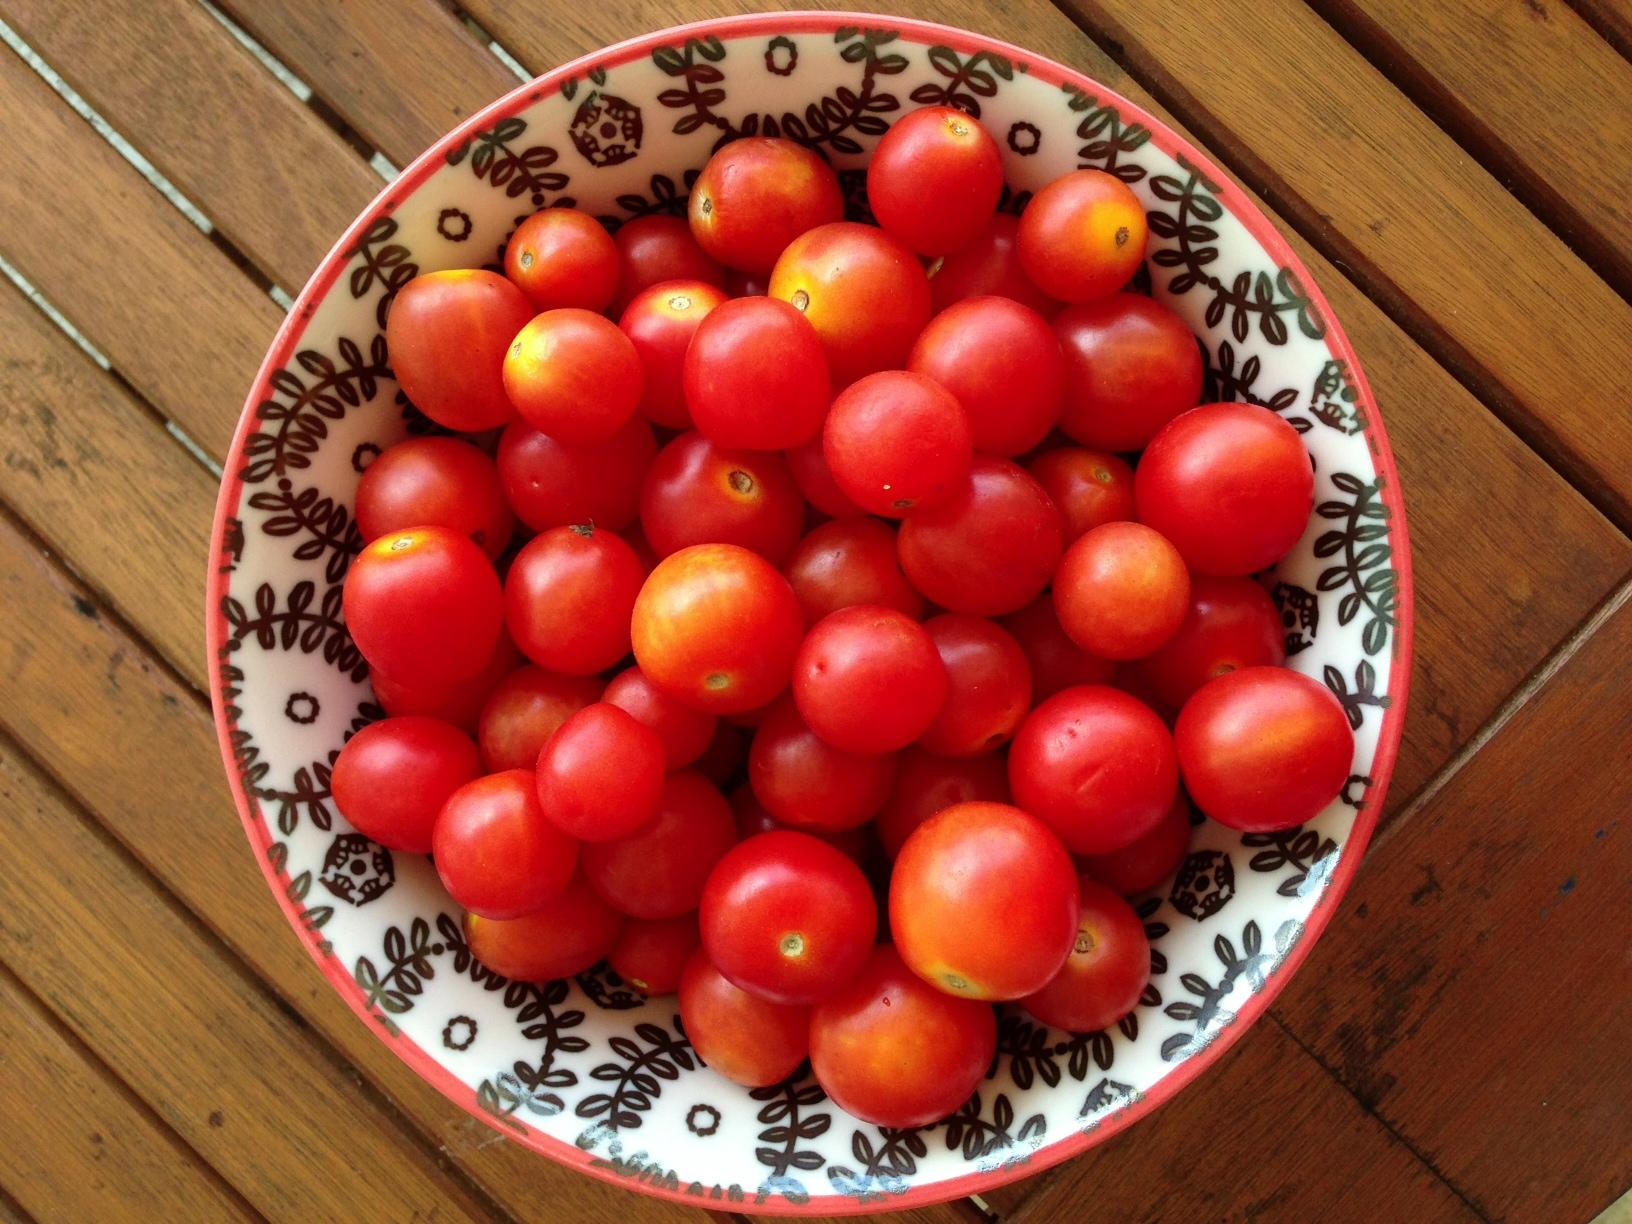 Черри - томаты с десертным вкусом